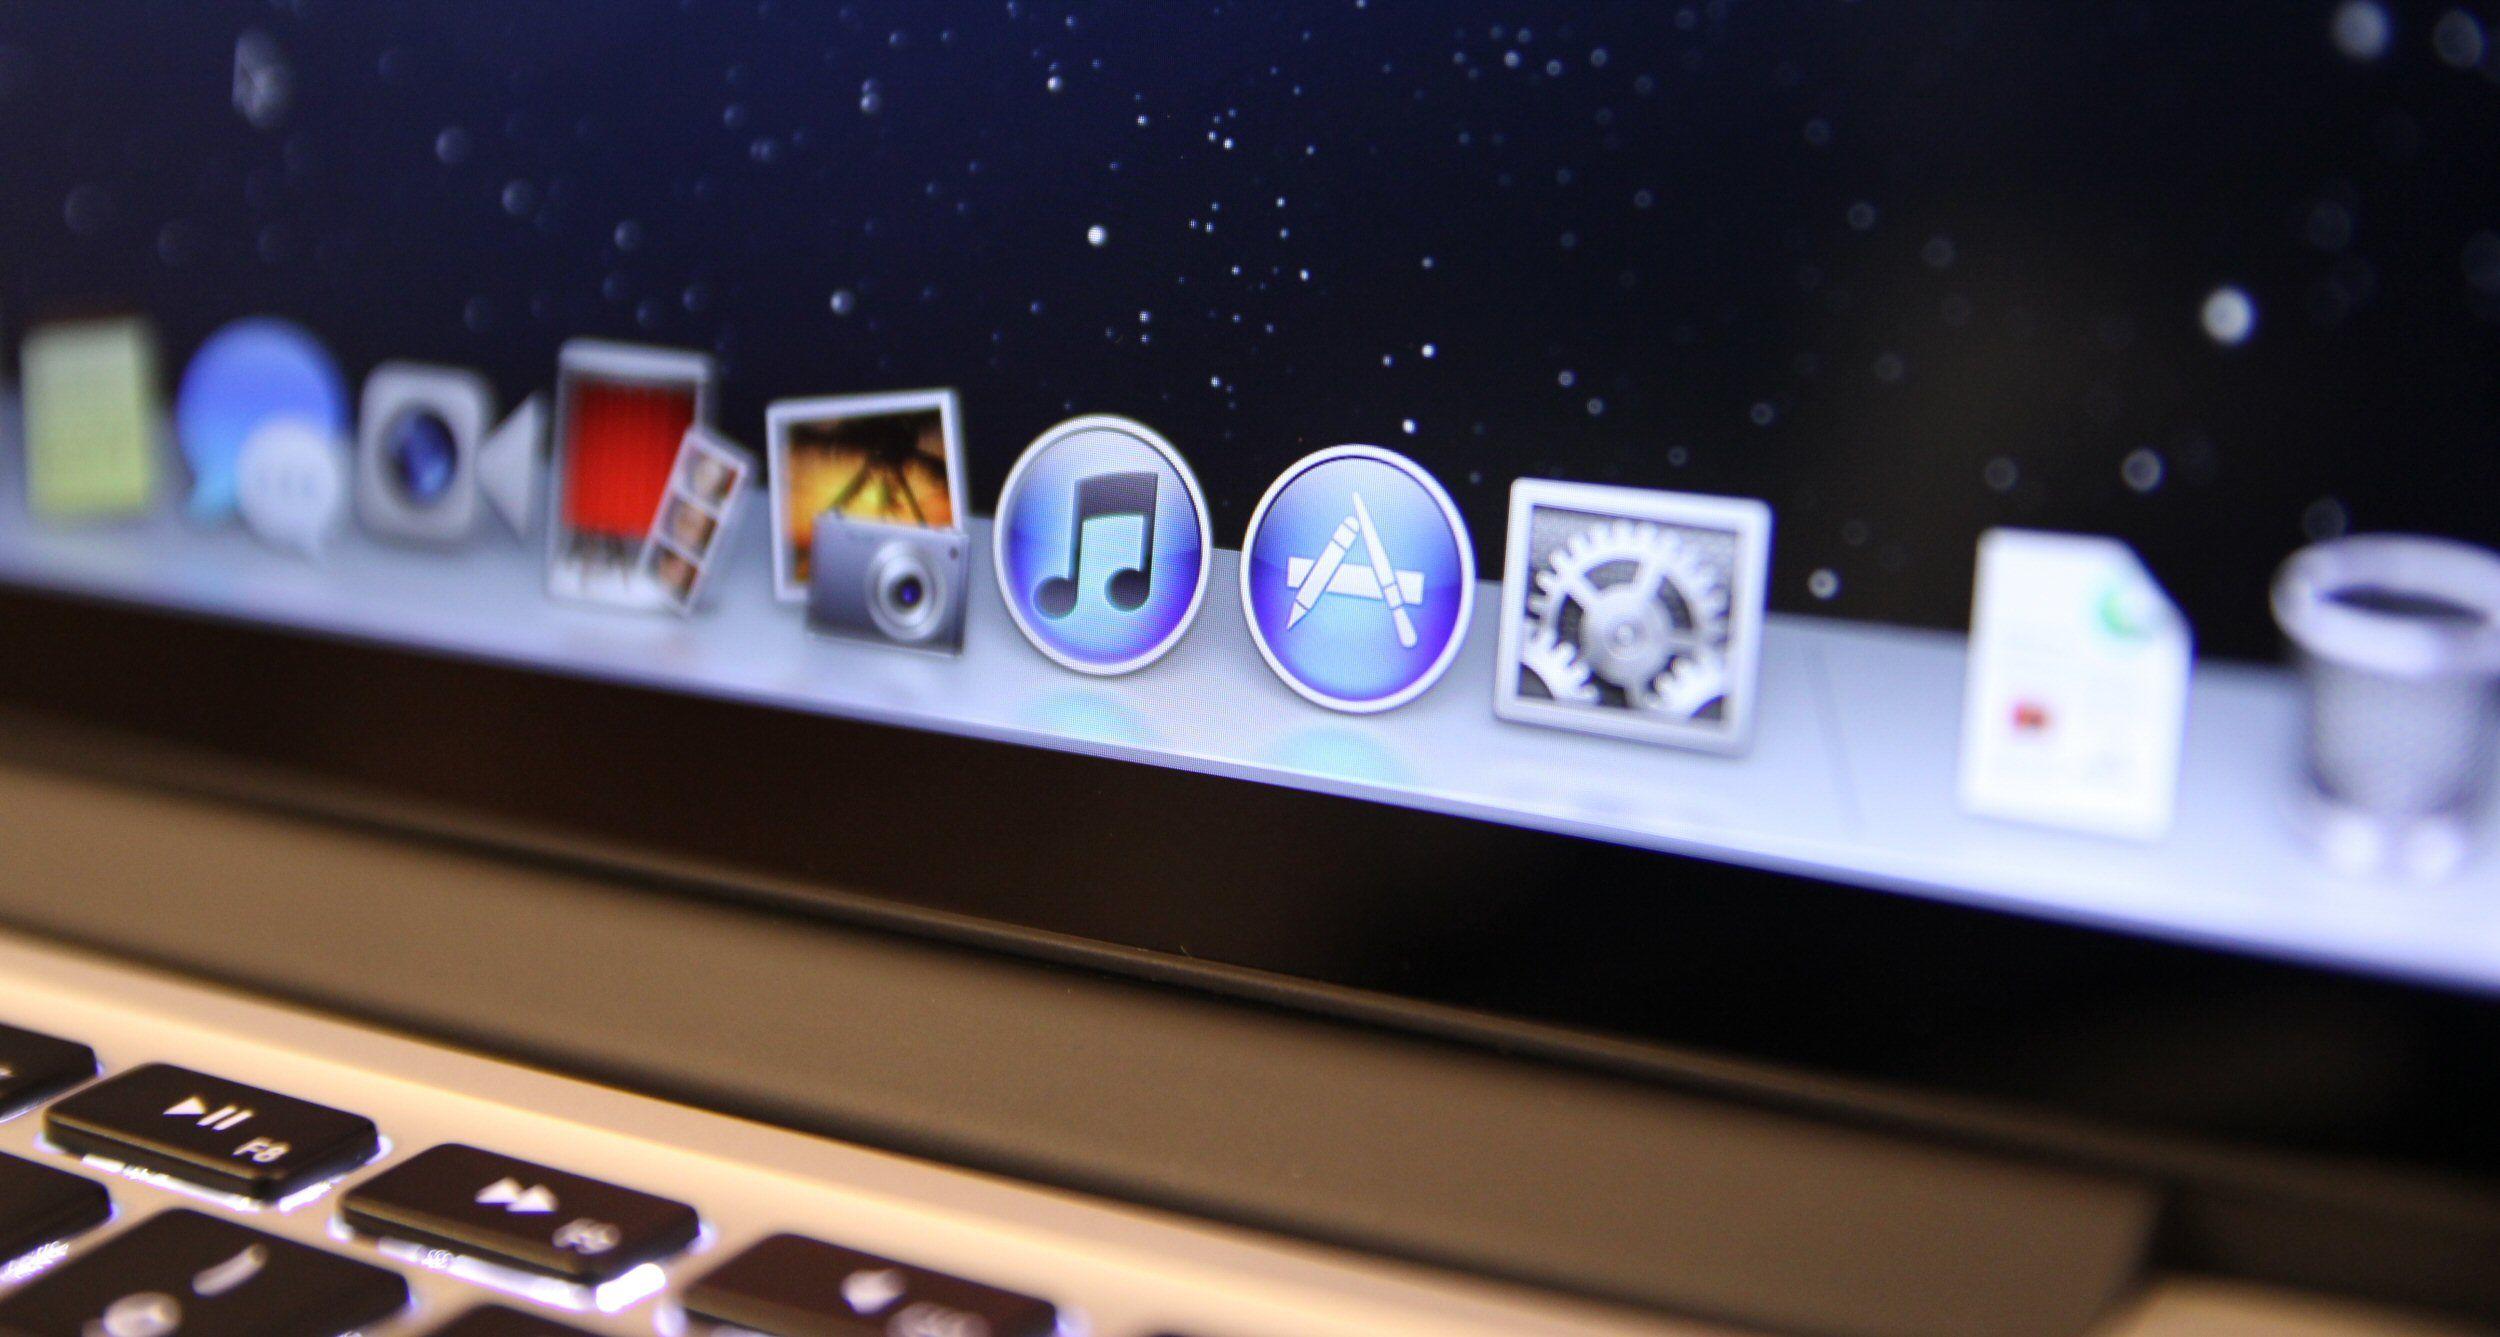 Vi pakker opp MacBook Pro med Retina-skjerm